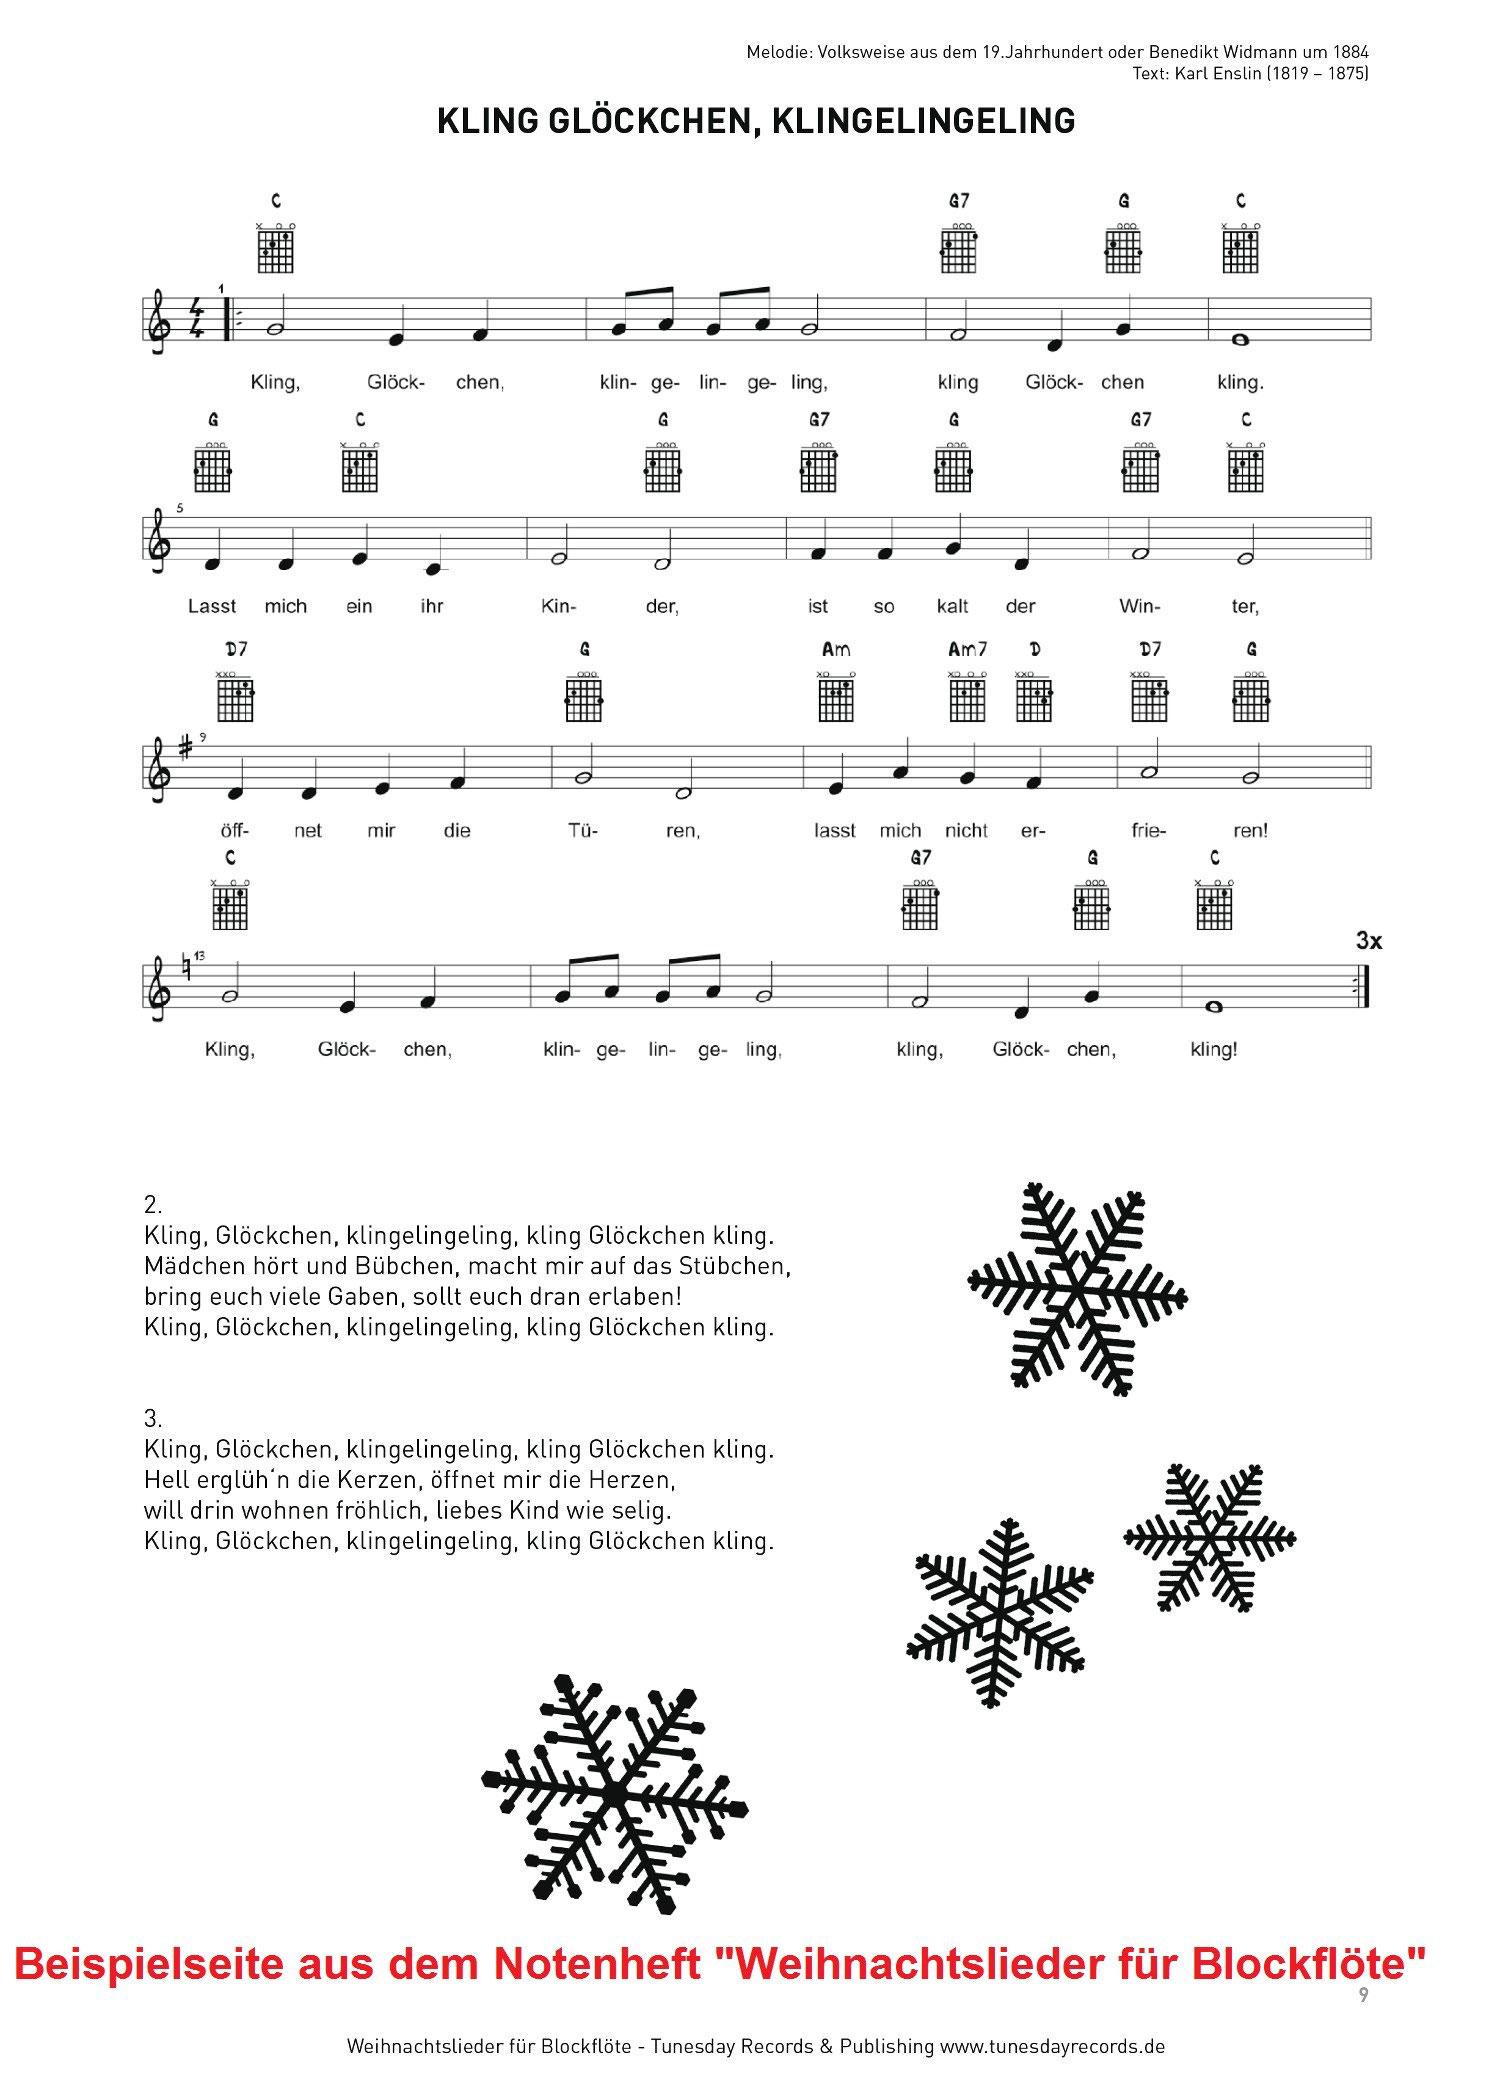 Weihnachtslieder für Blockflöte mit MIDI/MP3-Download - Tunesday Records